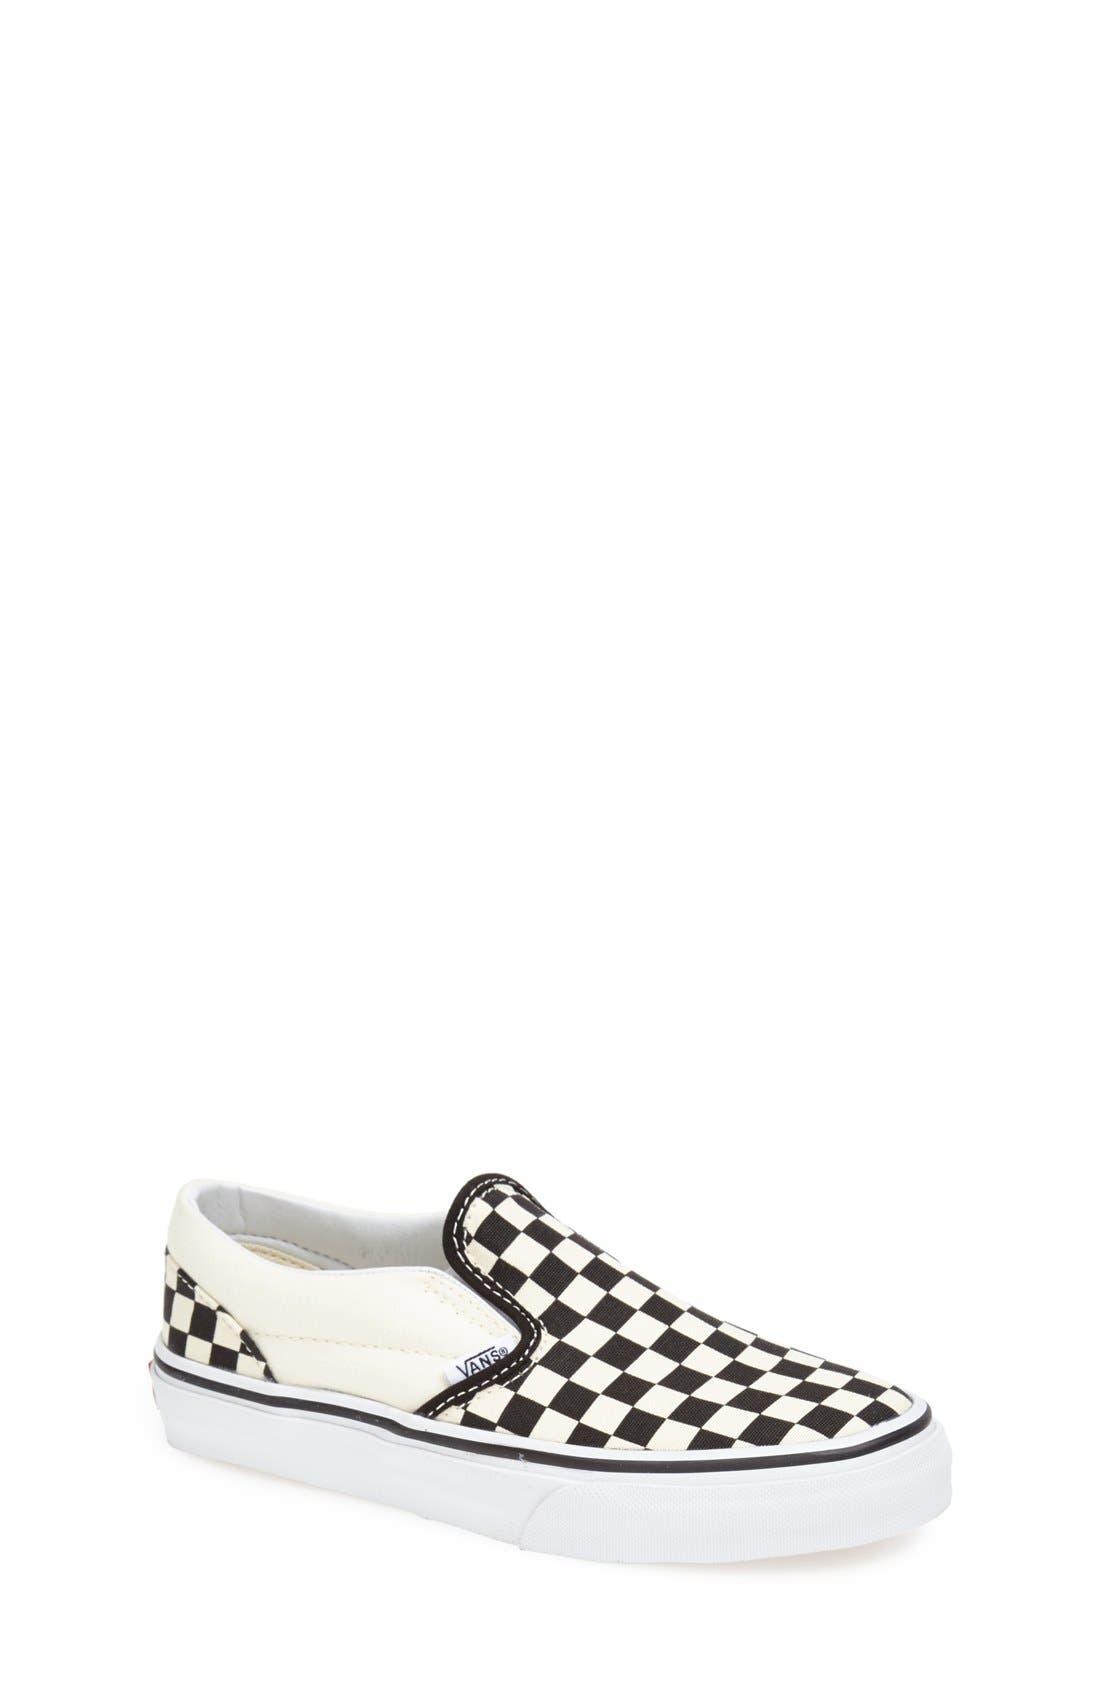 'Classic - Checkerboard' Slip-On,                         Main,                         color, BLACK/ WHITE CHECKERBOARD